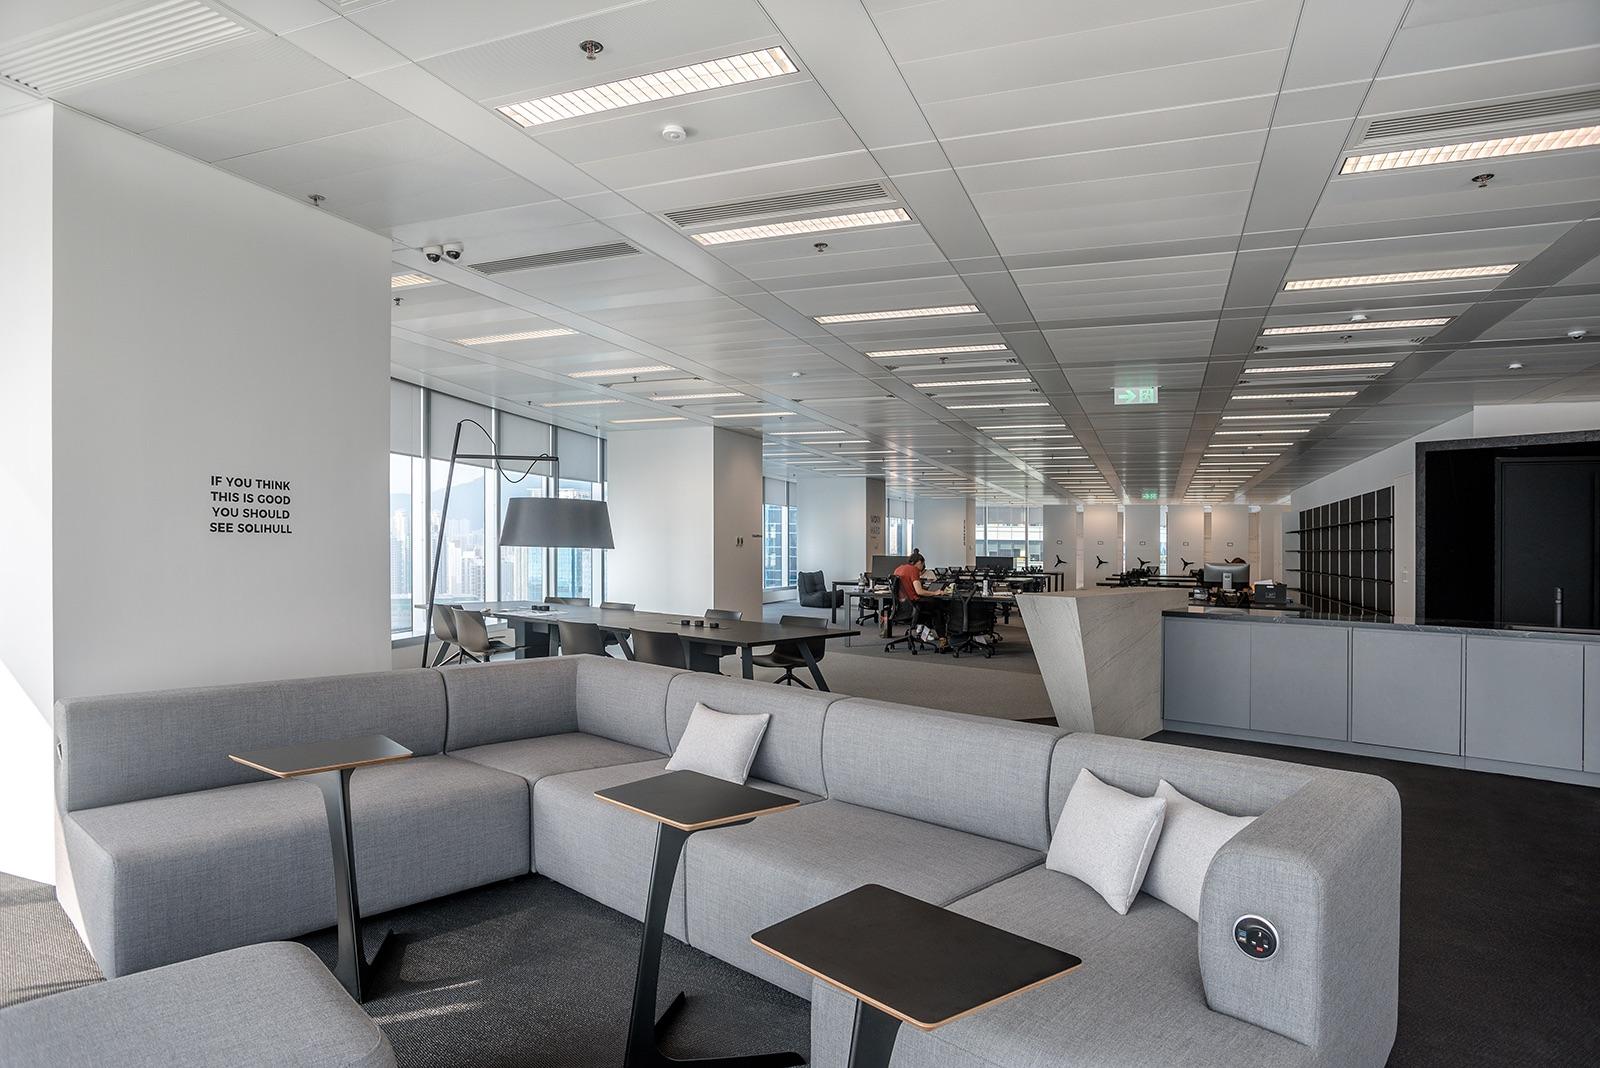 gymshark-hong-kong-office-2